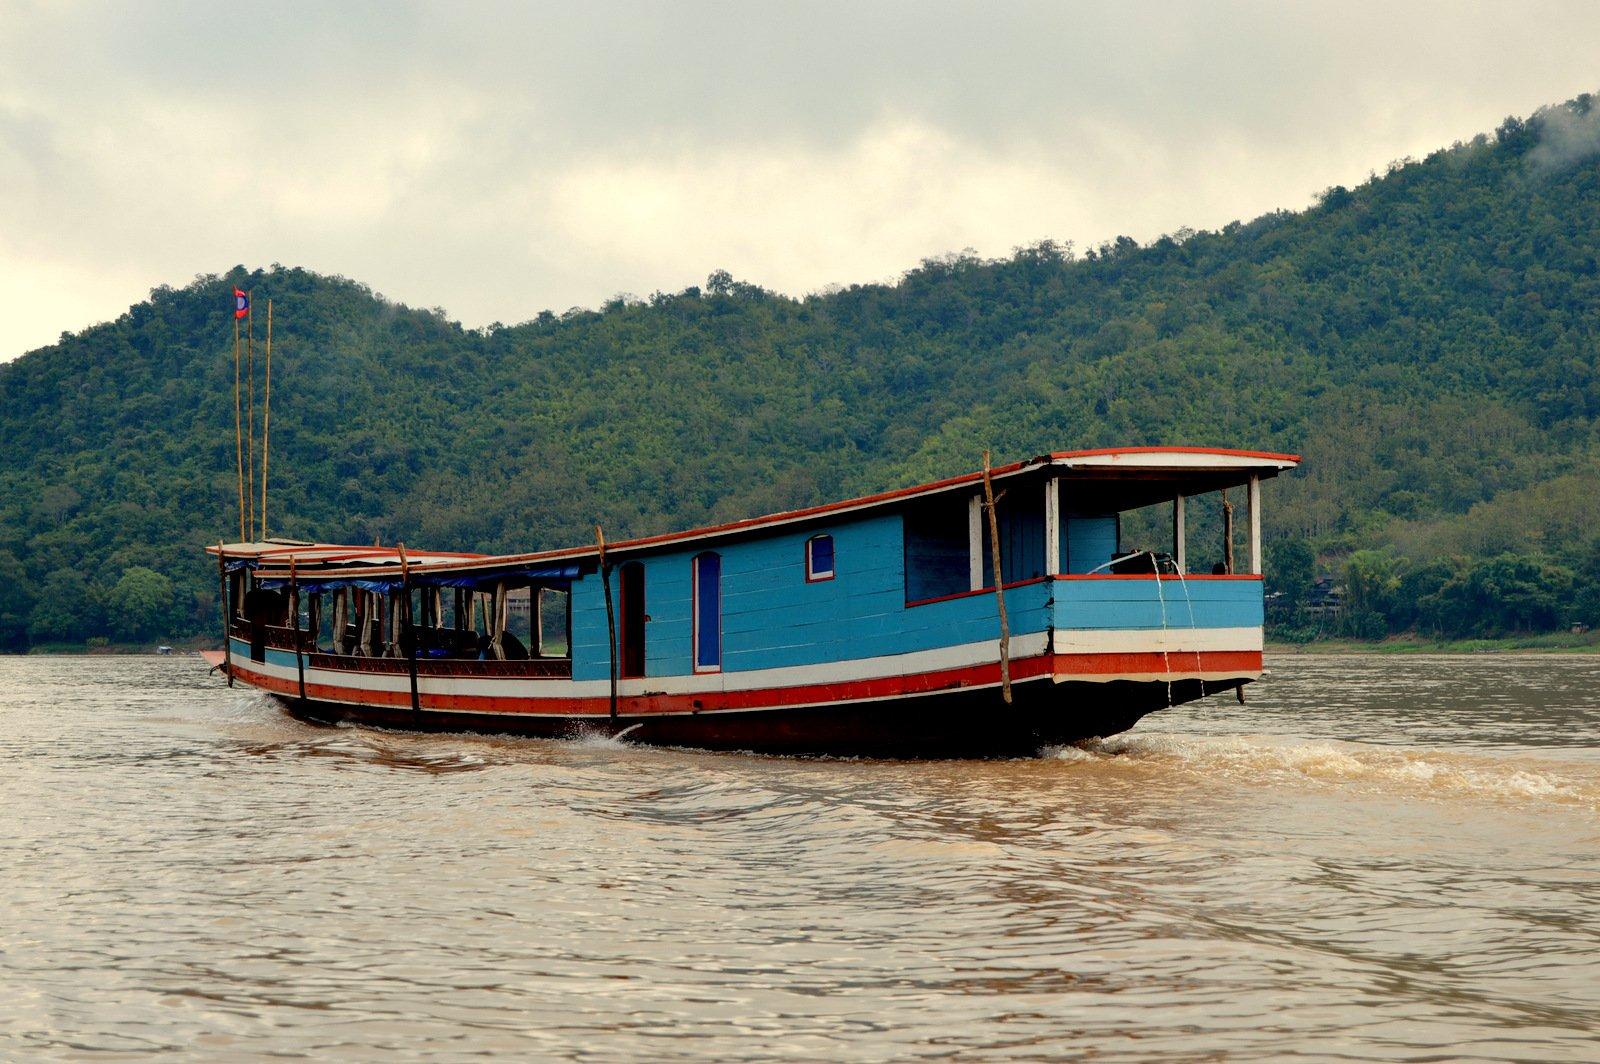 ЛАОС, Луанг-Прабанг: река Меконг, деревни Бан Сангхай и Бан Сиенглек; Священные пещеры Пак Оу (сумбурные наброски)